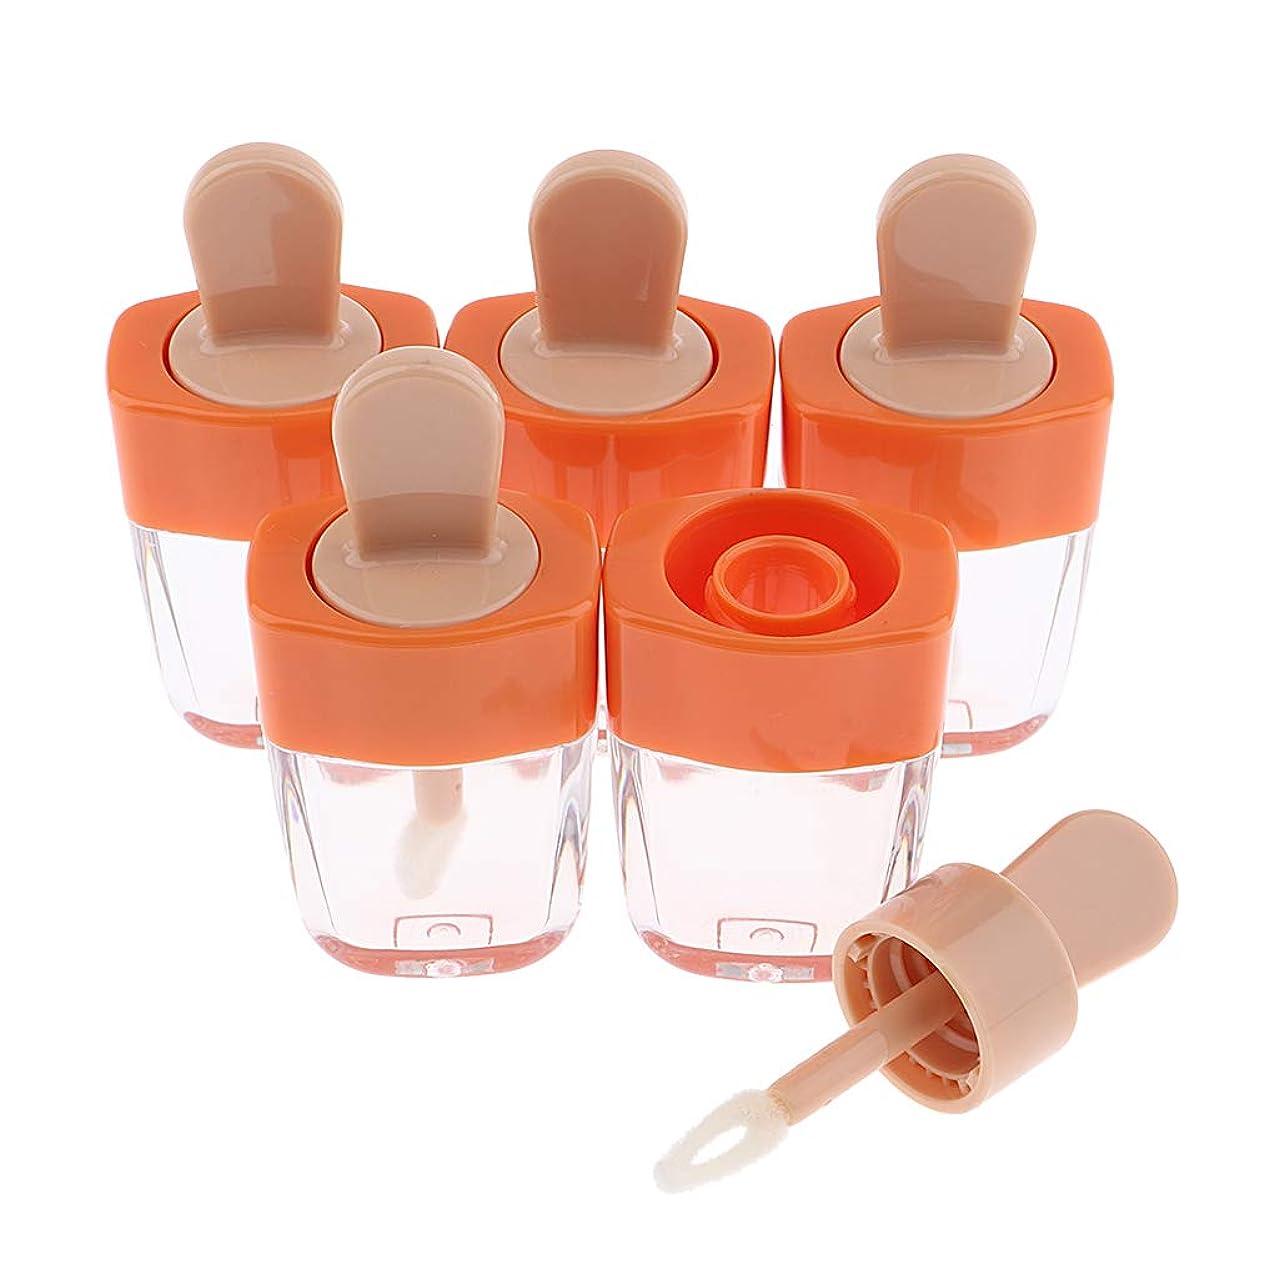 フェデレーション政治的分CUTICATE 5個 空のリップグロスチューブ 6ml 化粧品容器ボトル 4色選べ - オレンジ